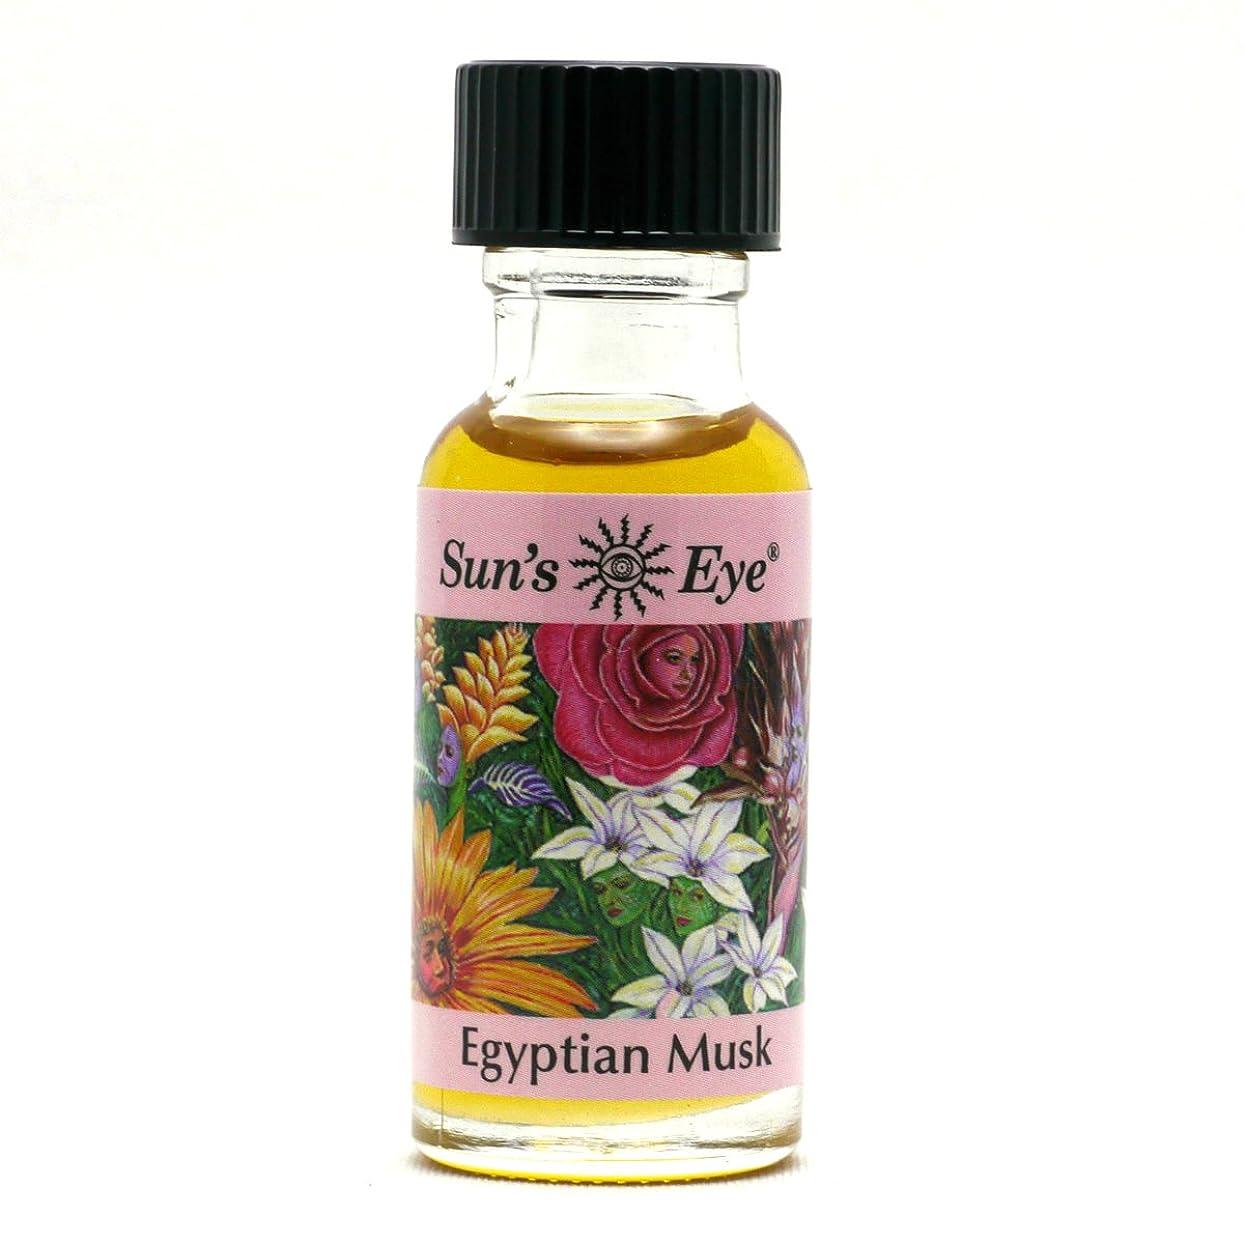 シェフ反対した注文【Sun'sEye サンズアイ】Specialty Oils(スペシャリティオイル)Egyptian Musk(エジプシャンムスク)